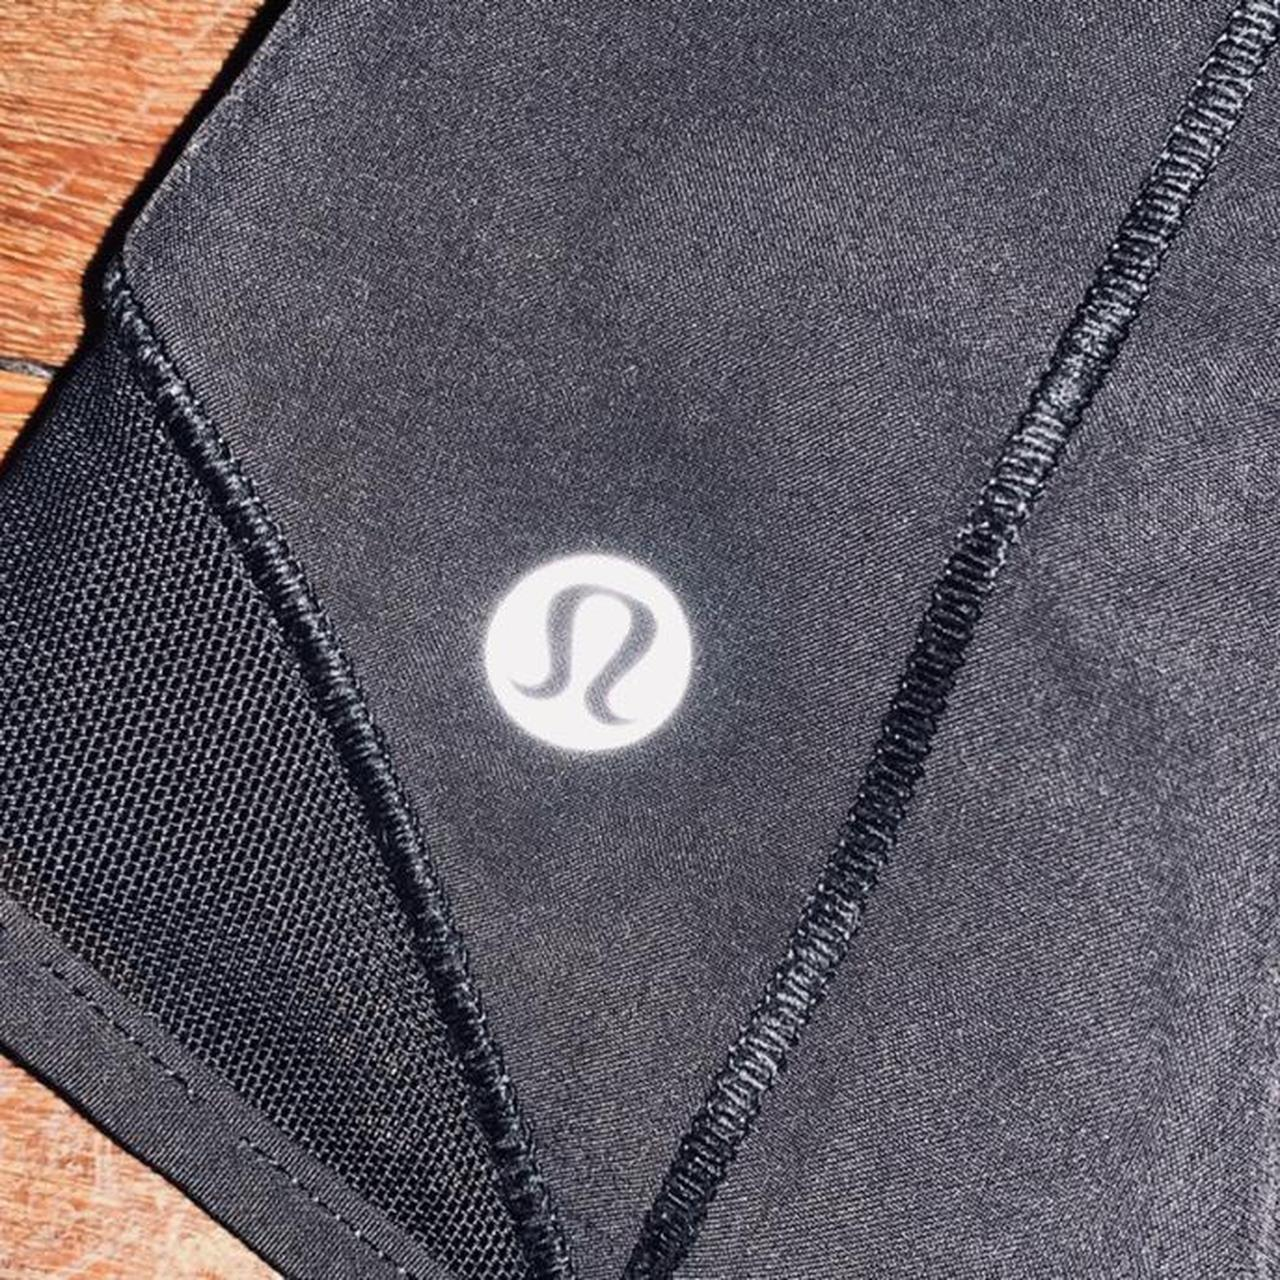 Product Image 1 - Lululemon hotty hot shorts (tall)